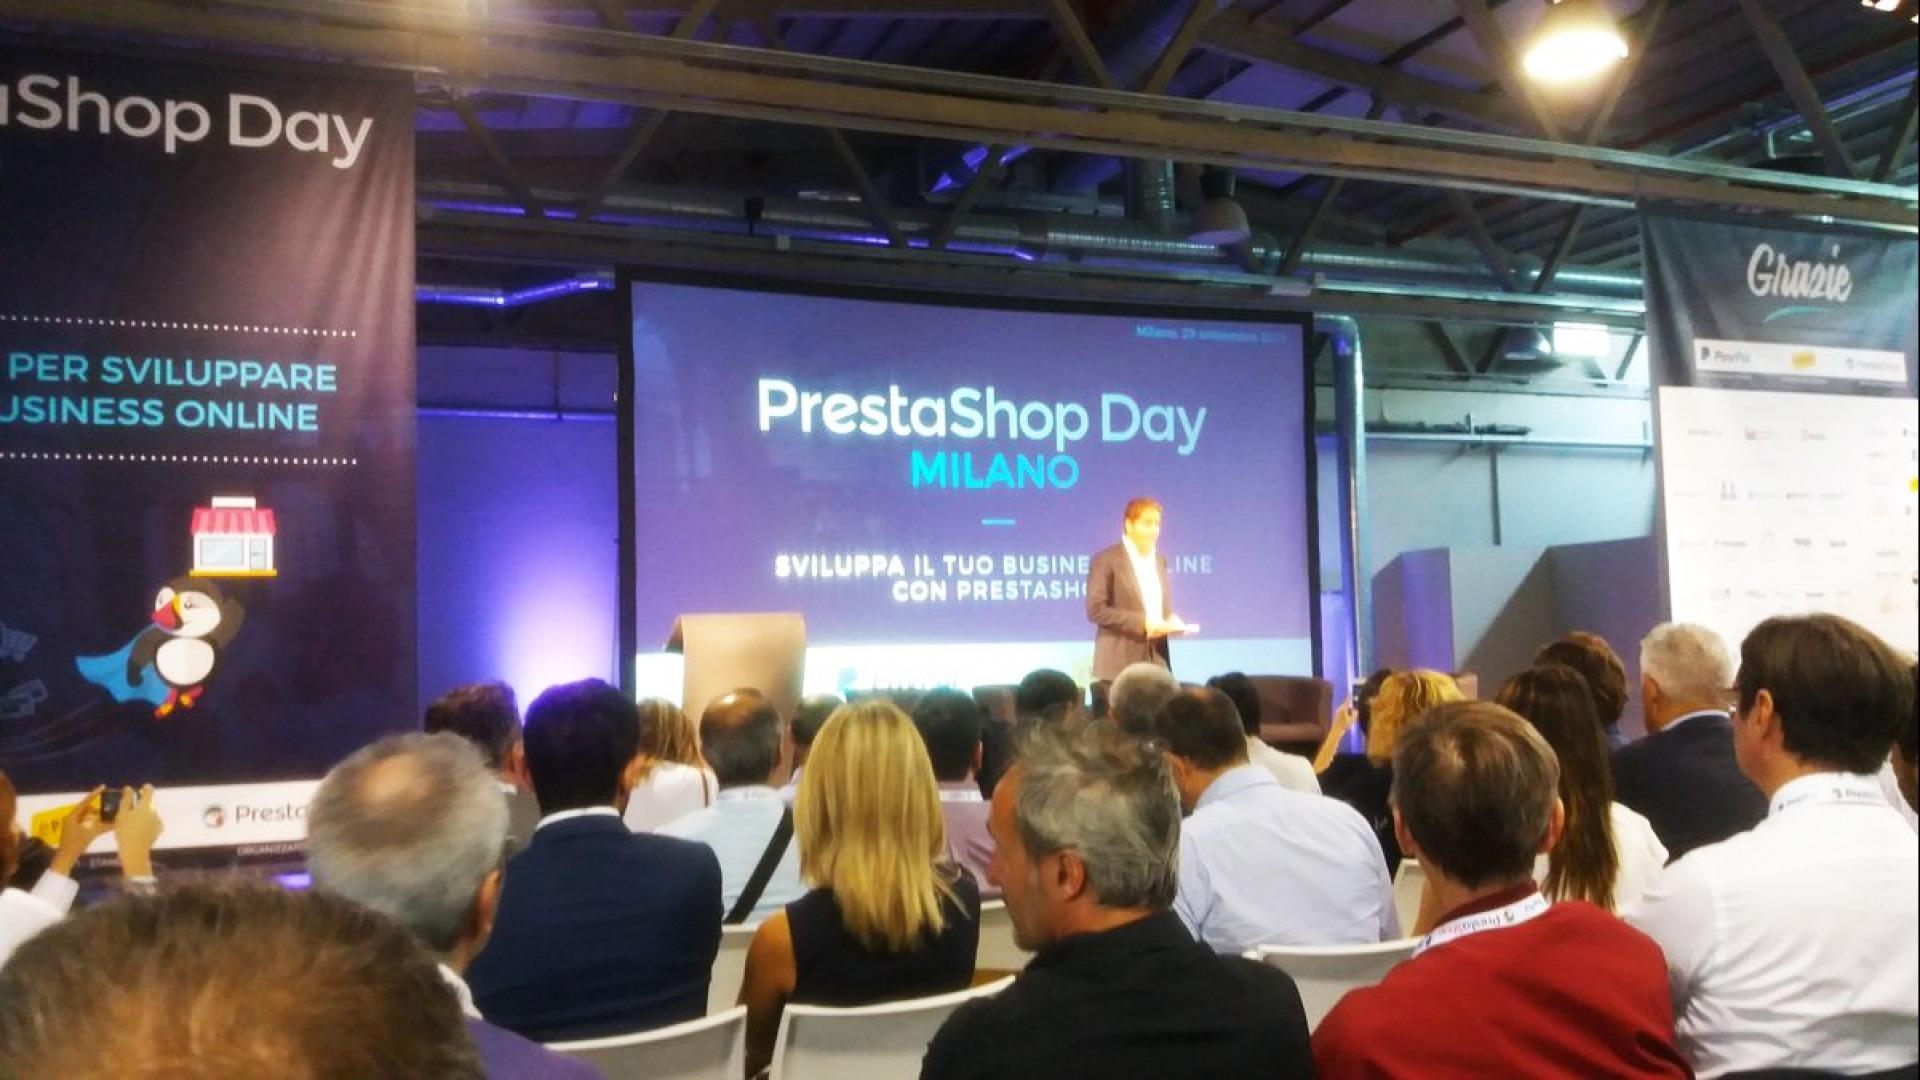 PrestaShop Day Milano, quello che devi sapere